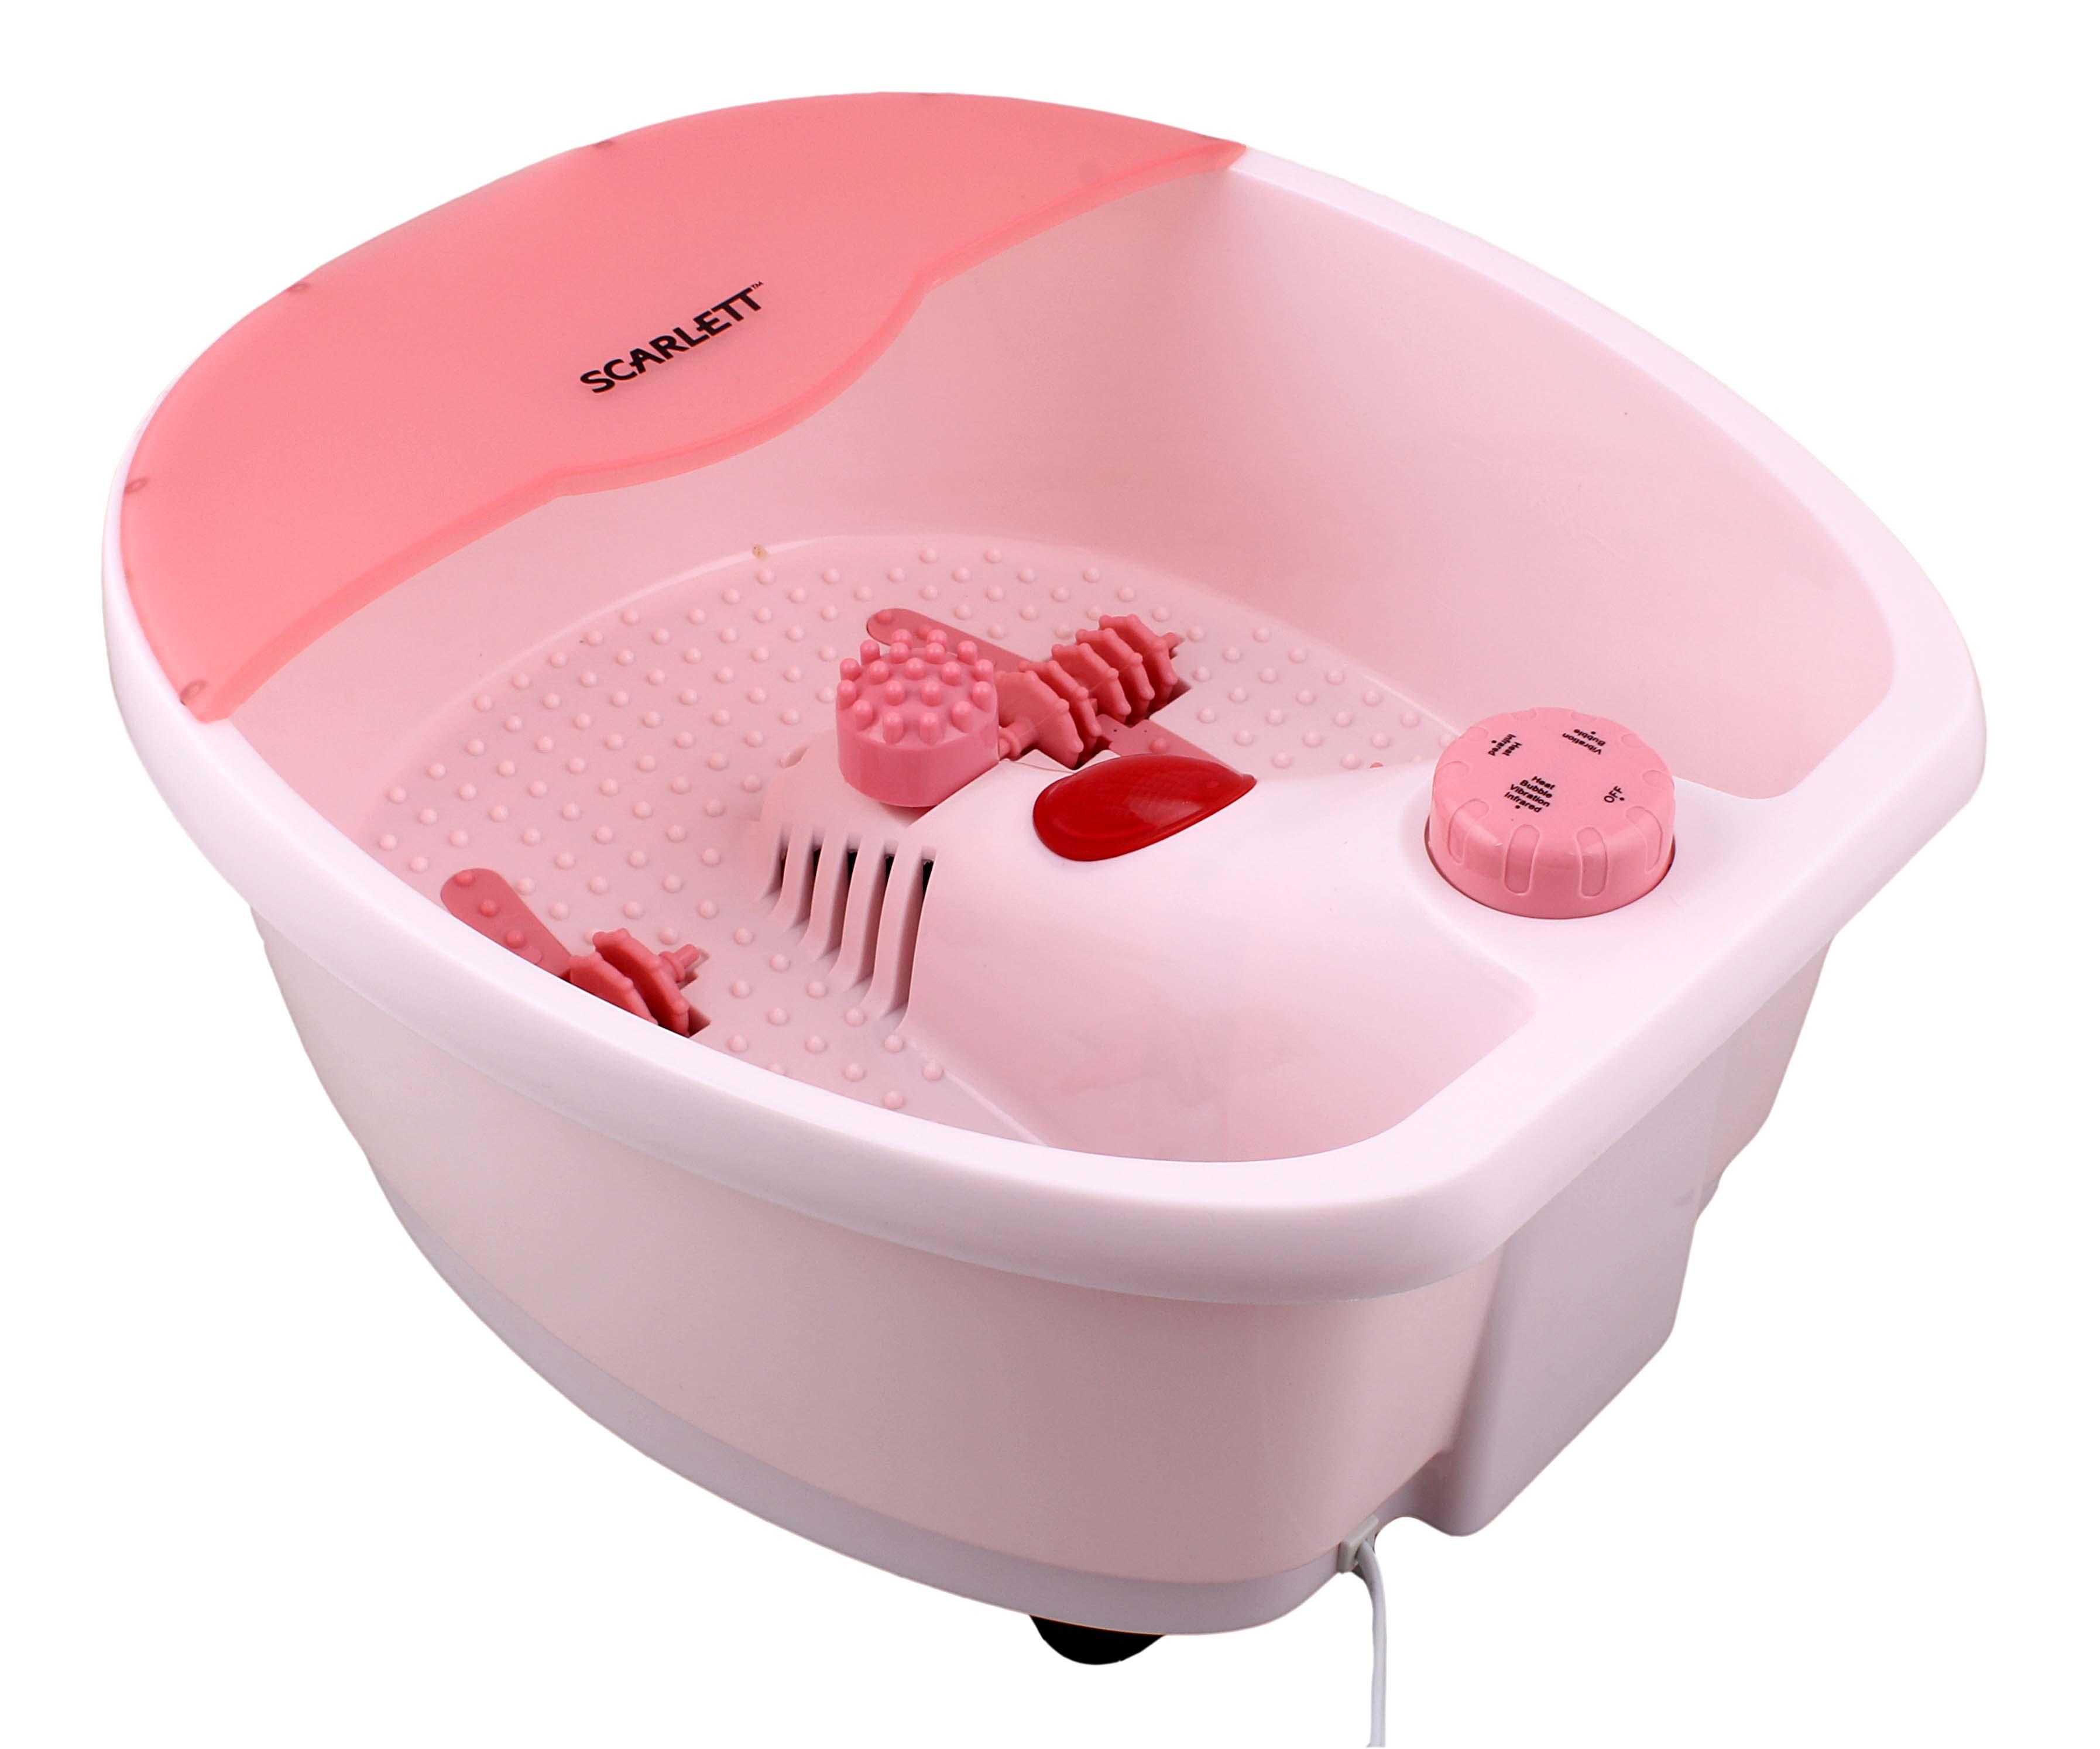 Массажные ванны Scarlett Real Brand Technics 1980.000